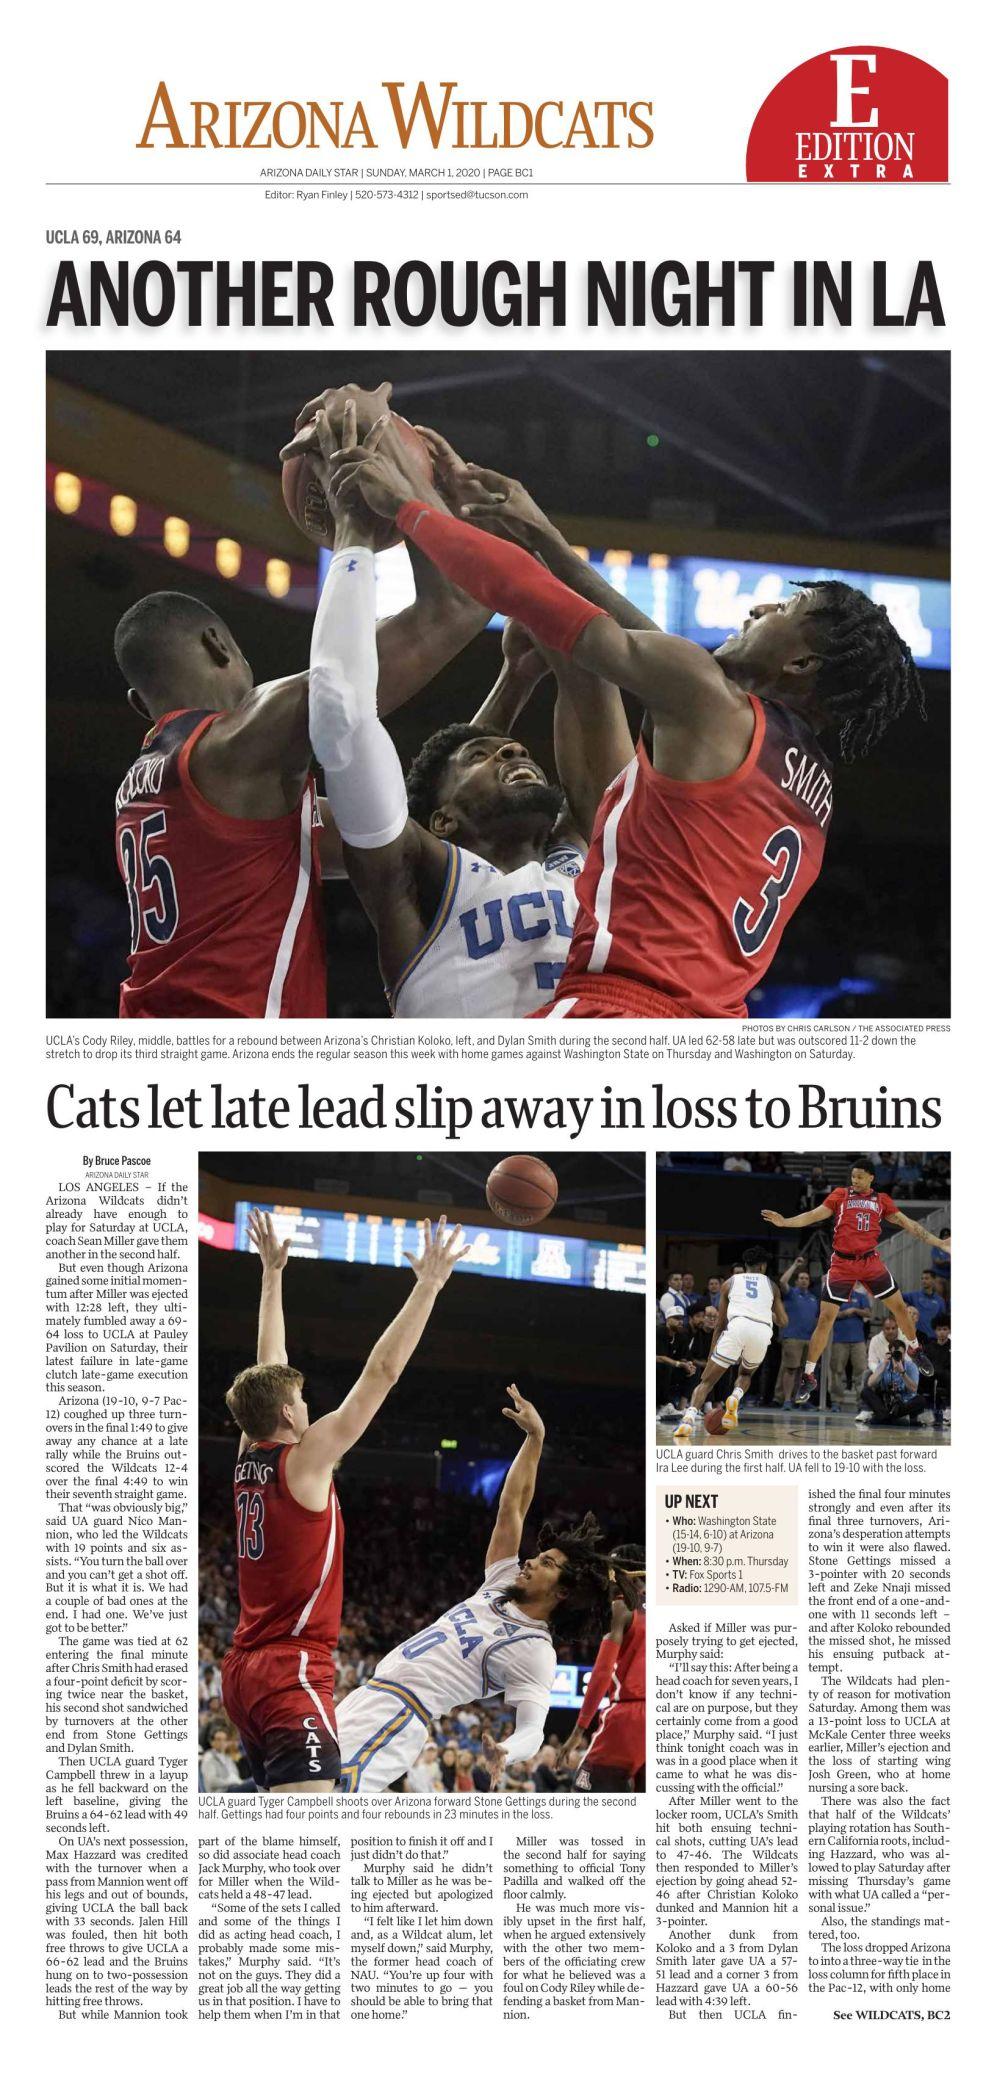 Arizona-UCLA basketball